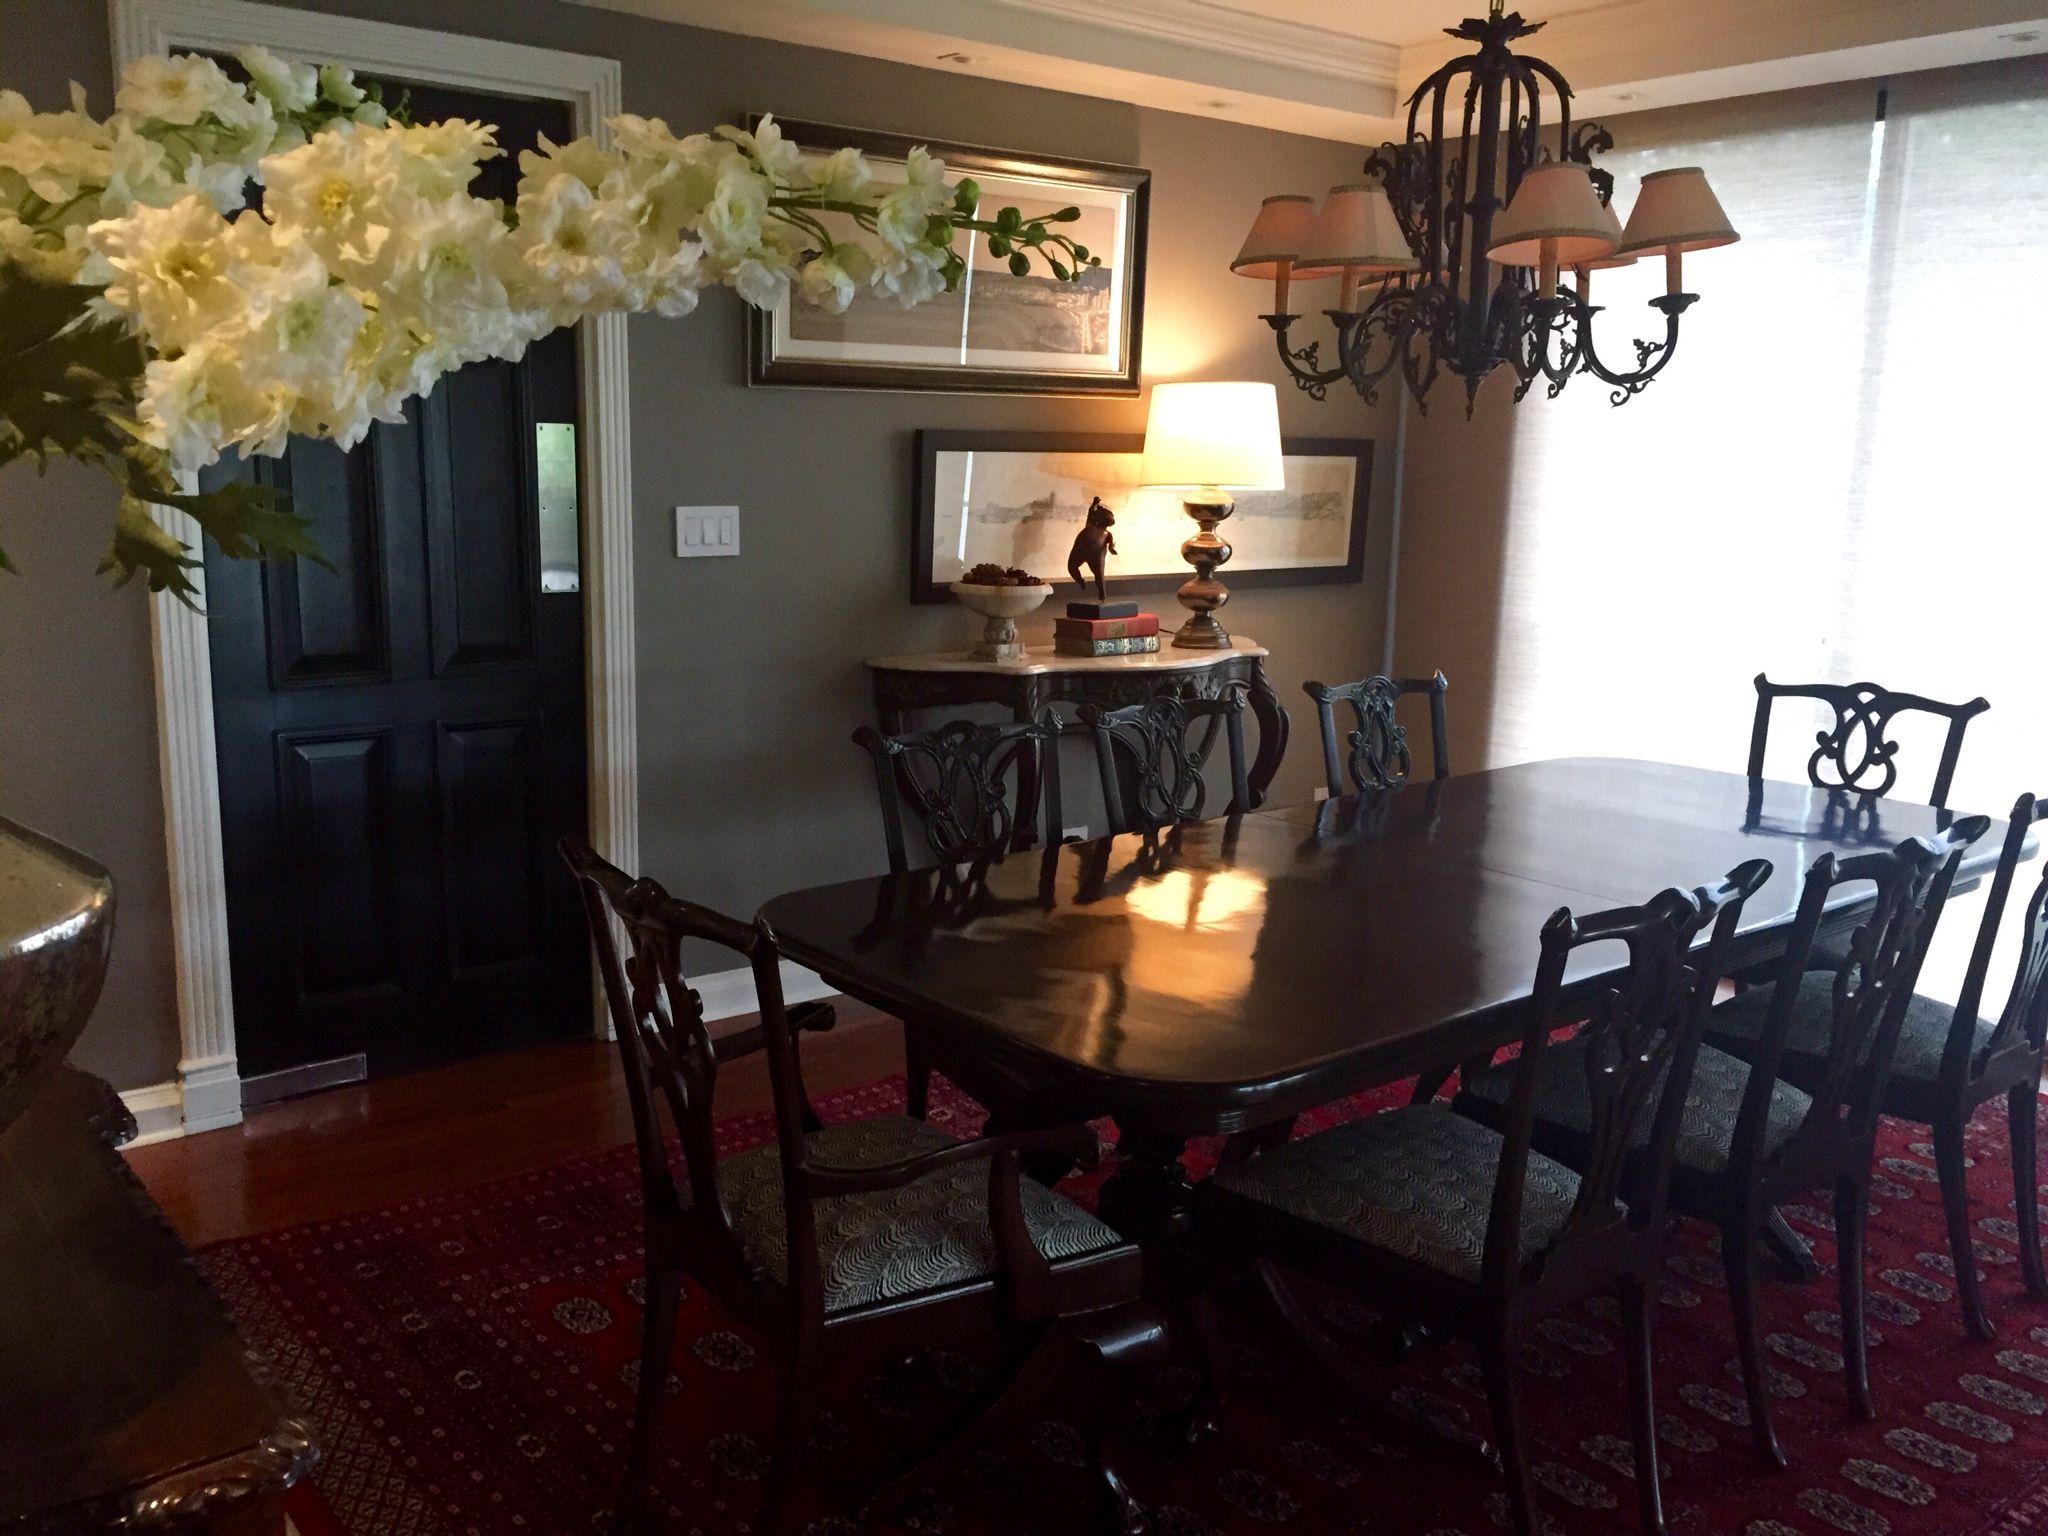 Comedor Frente Al Mar Por Priscilla Conte #panama #comedor Amazing Panama Dining Room Design Ideas